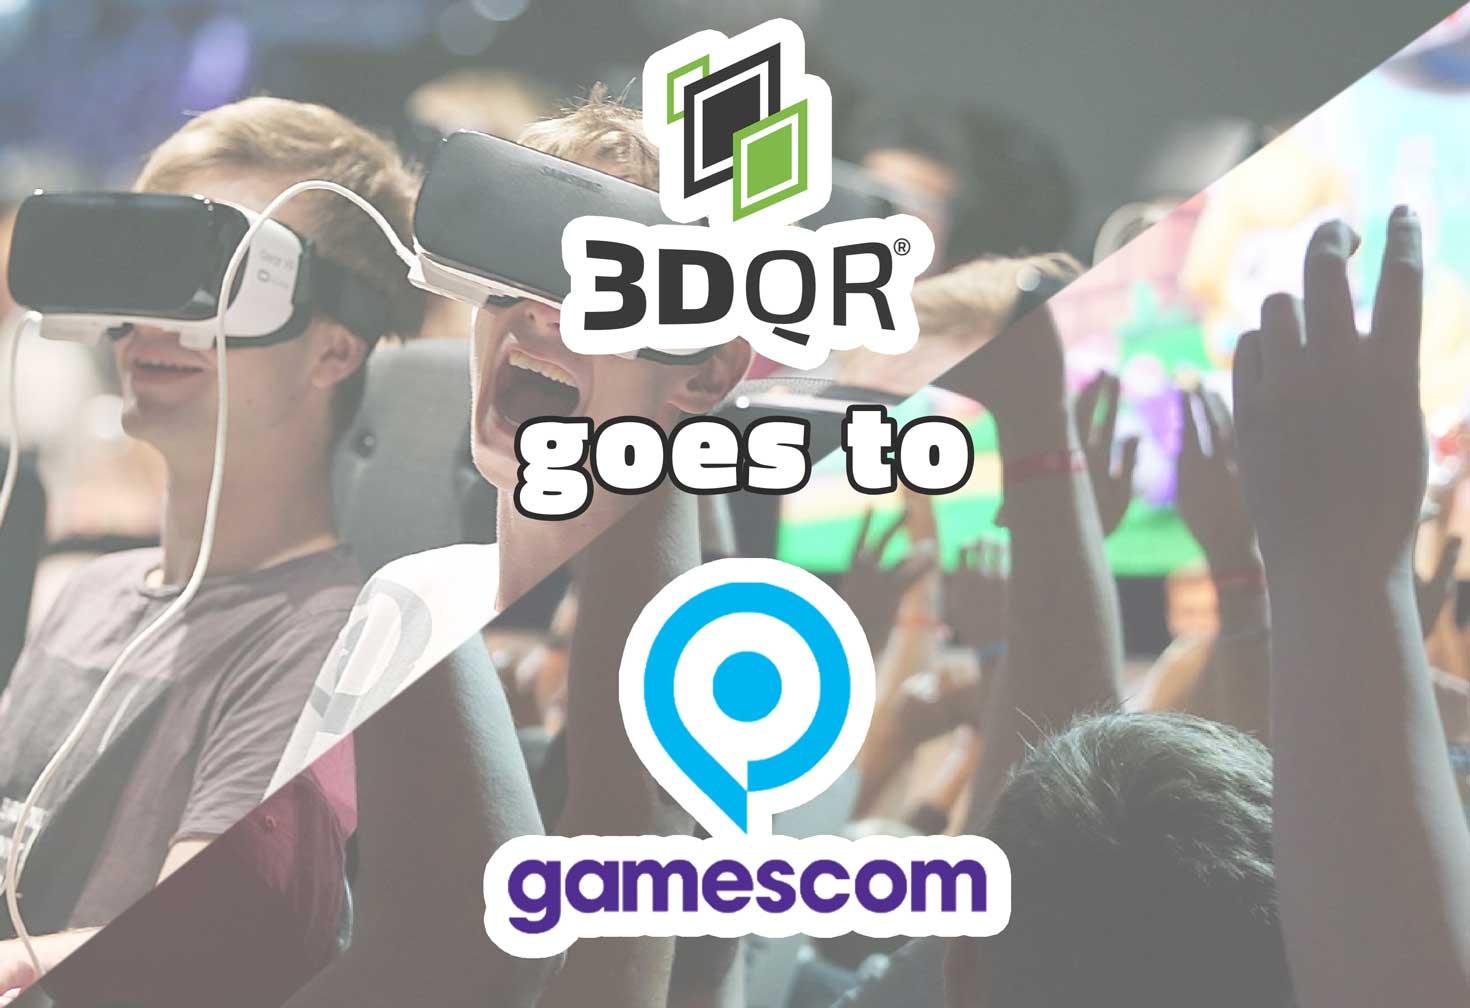 Sachsen-Anhalt vertreten auf der Gamescom